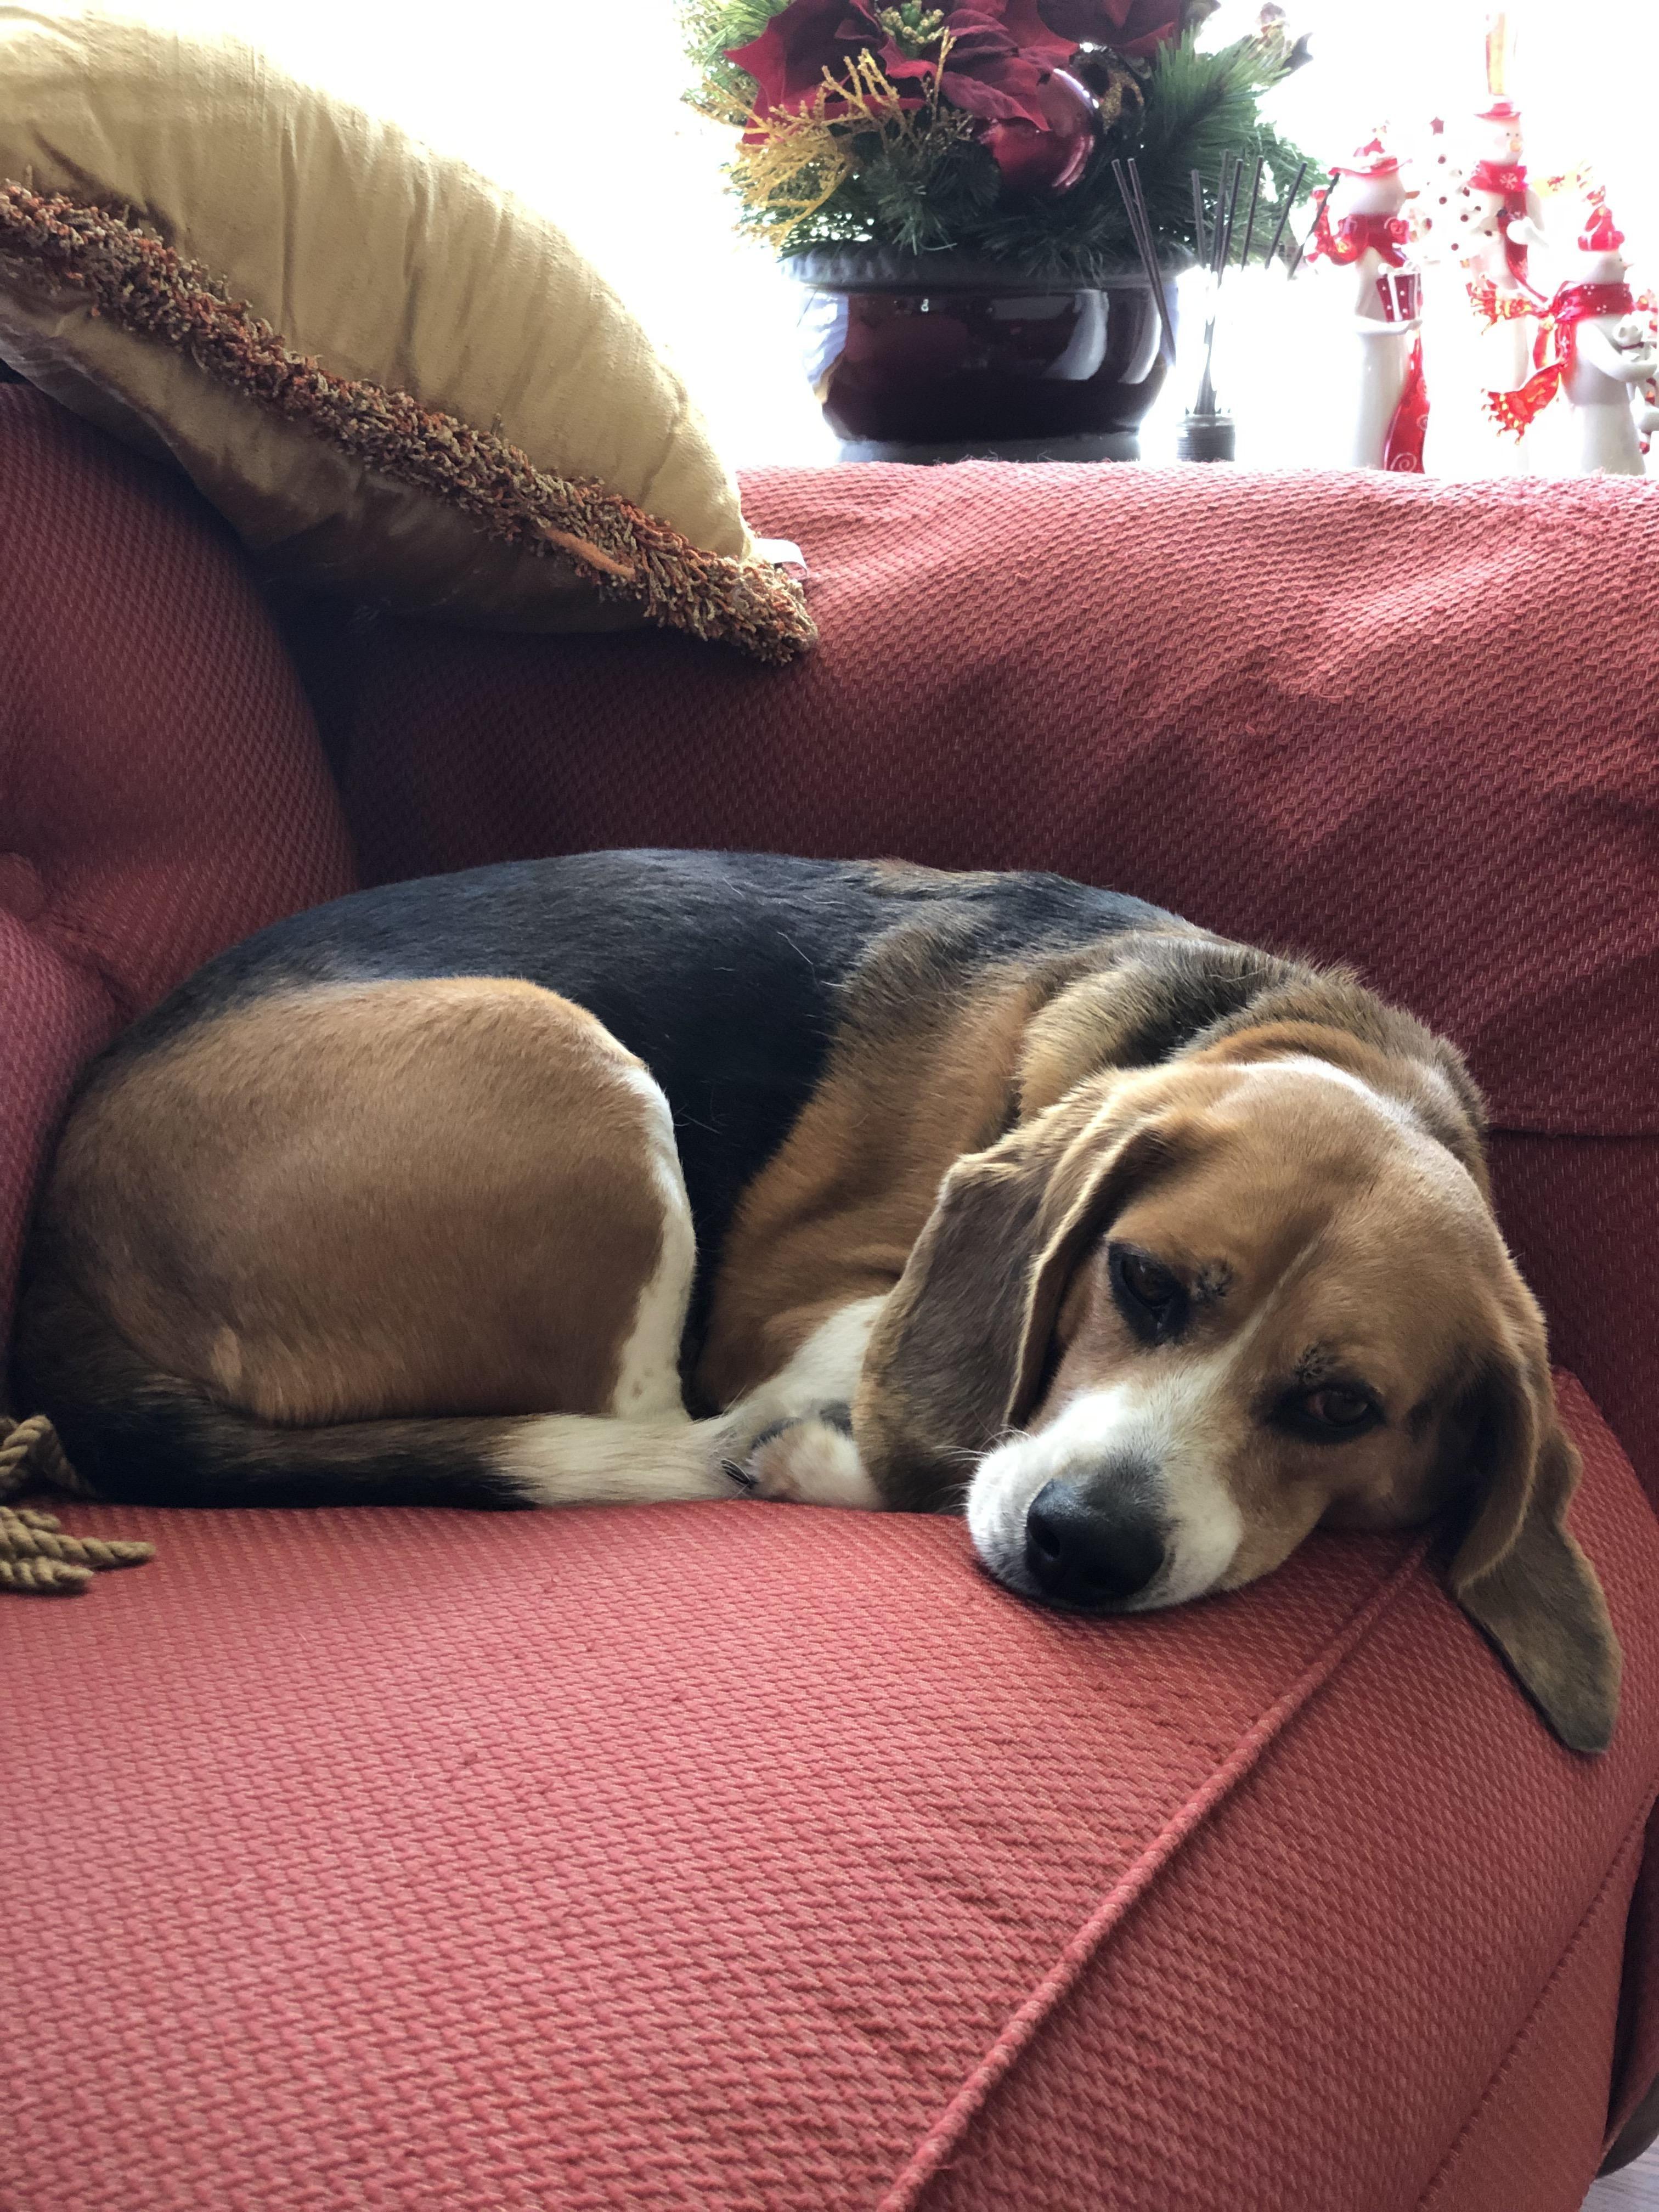 Pin By Rickey Smith On Beagles Beagle Beagle Dog Dogs